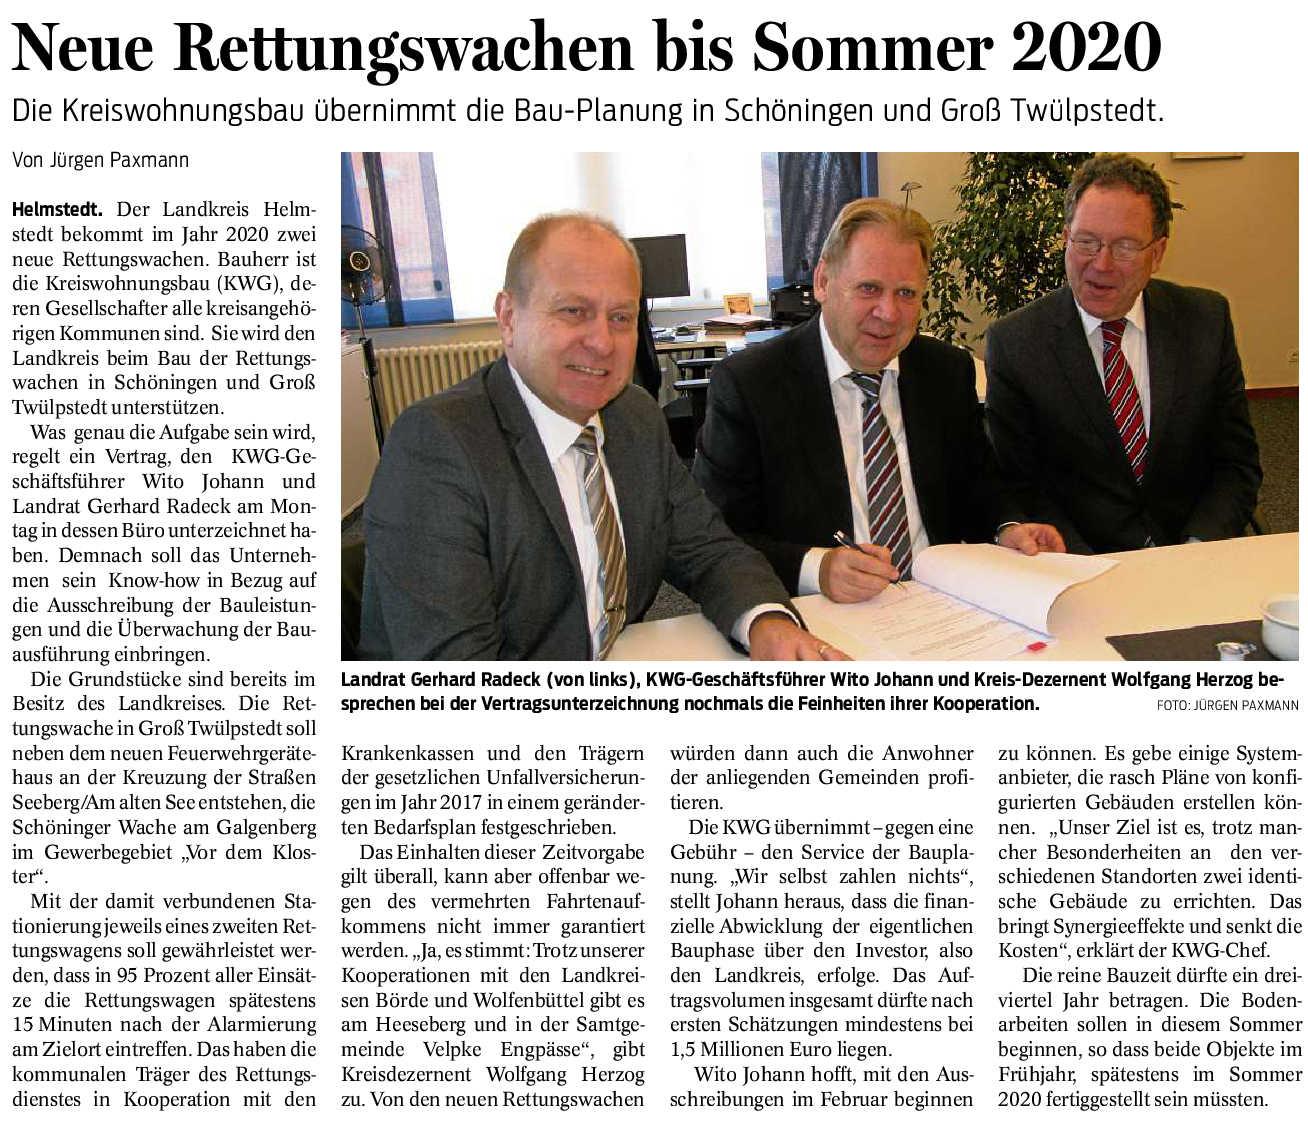 https://www.kwg-helmstedt.de/media/Helmstedt_Neue_Rettungswachen_20190122_.jpg